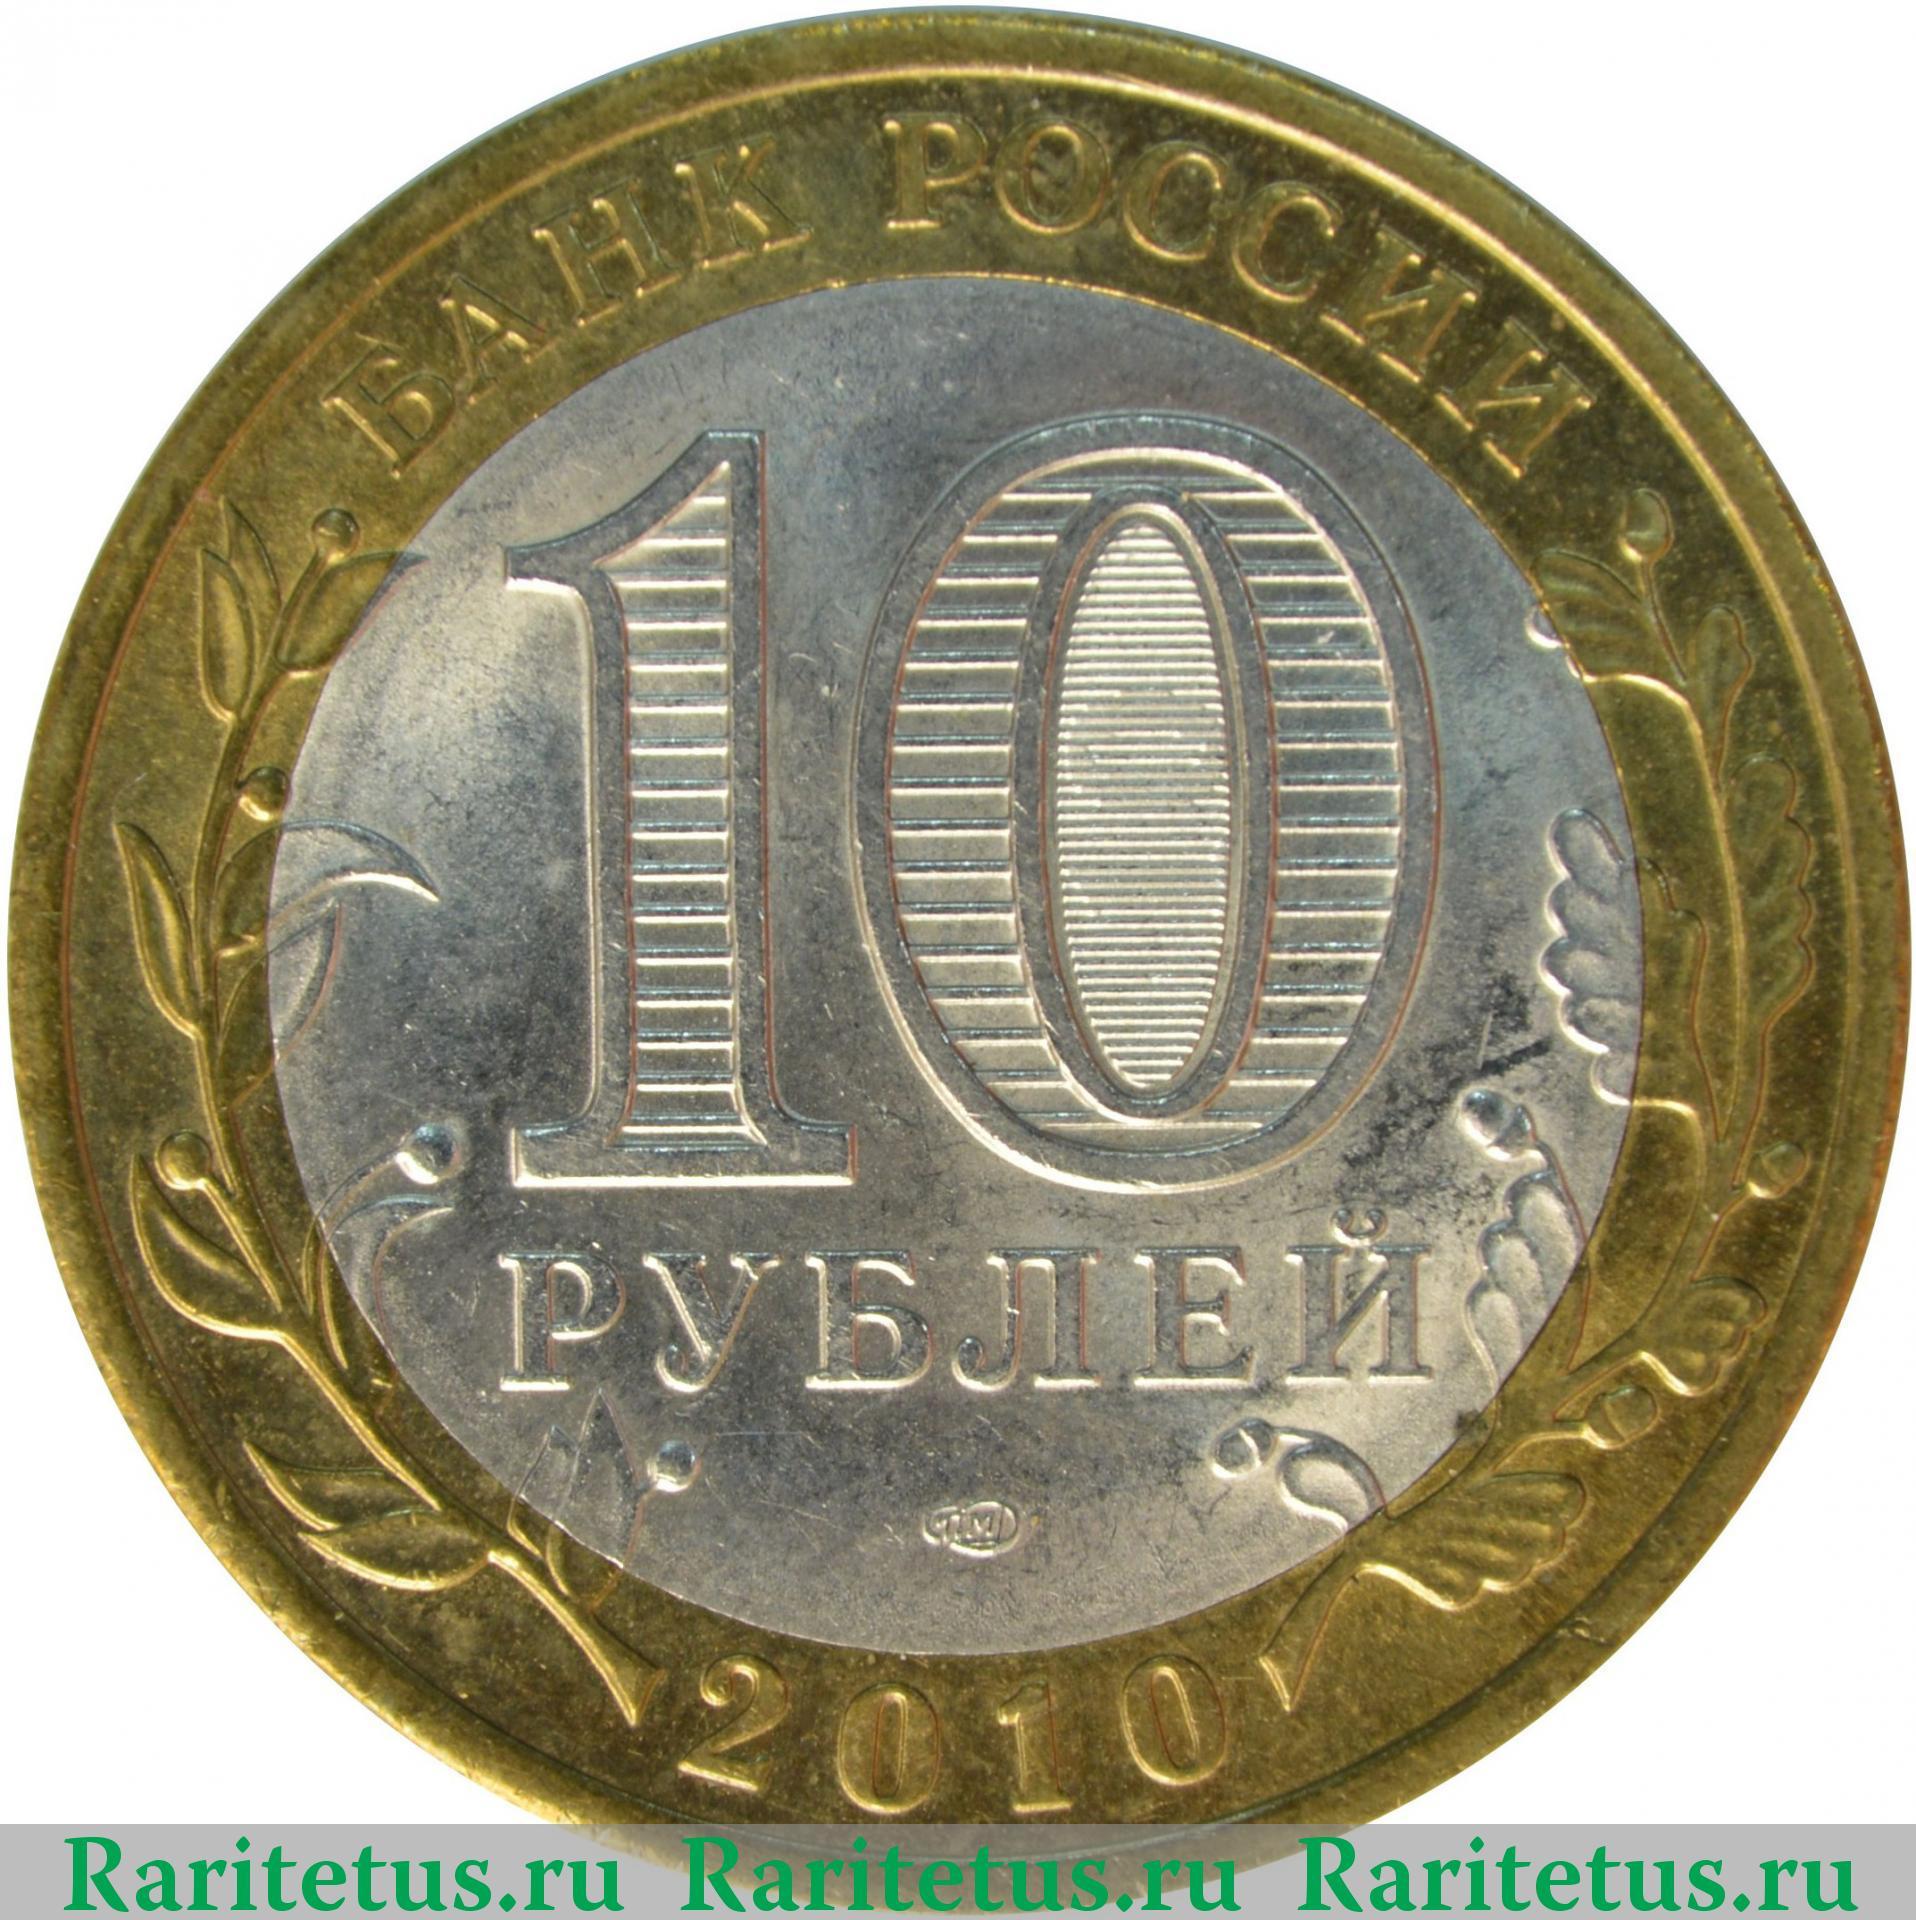 10 рублей 2010 года стоимость спмд цена 3 копейки 1898 года стоимость монеты